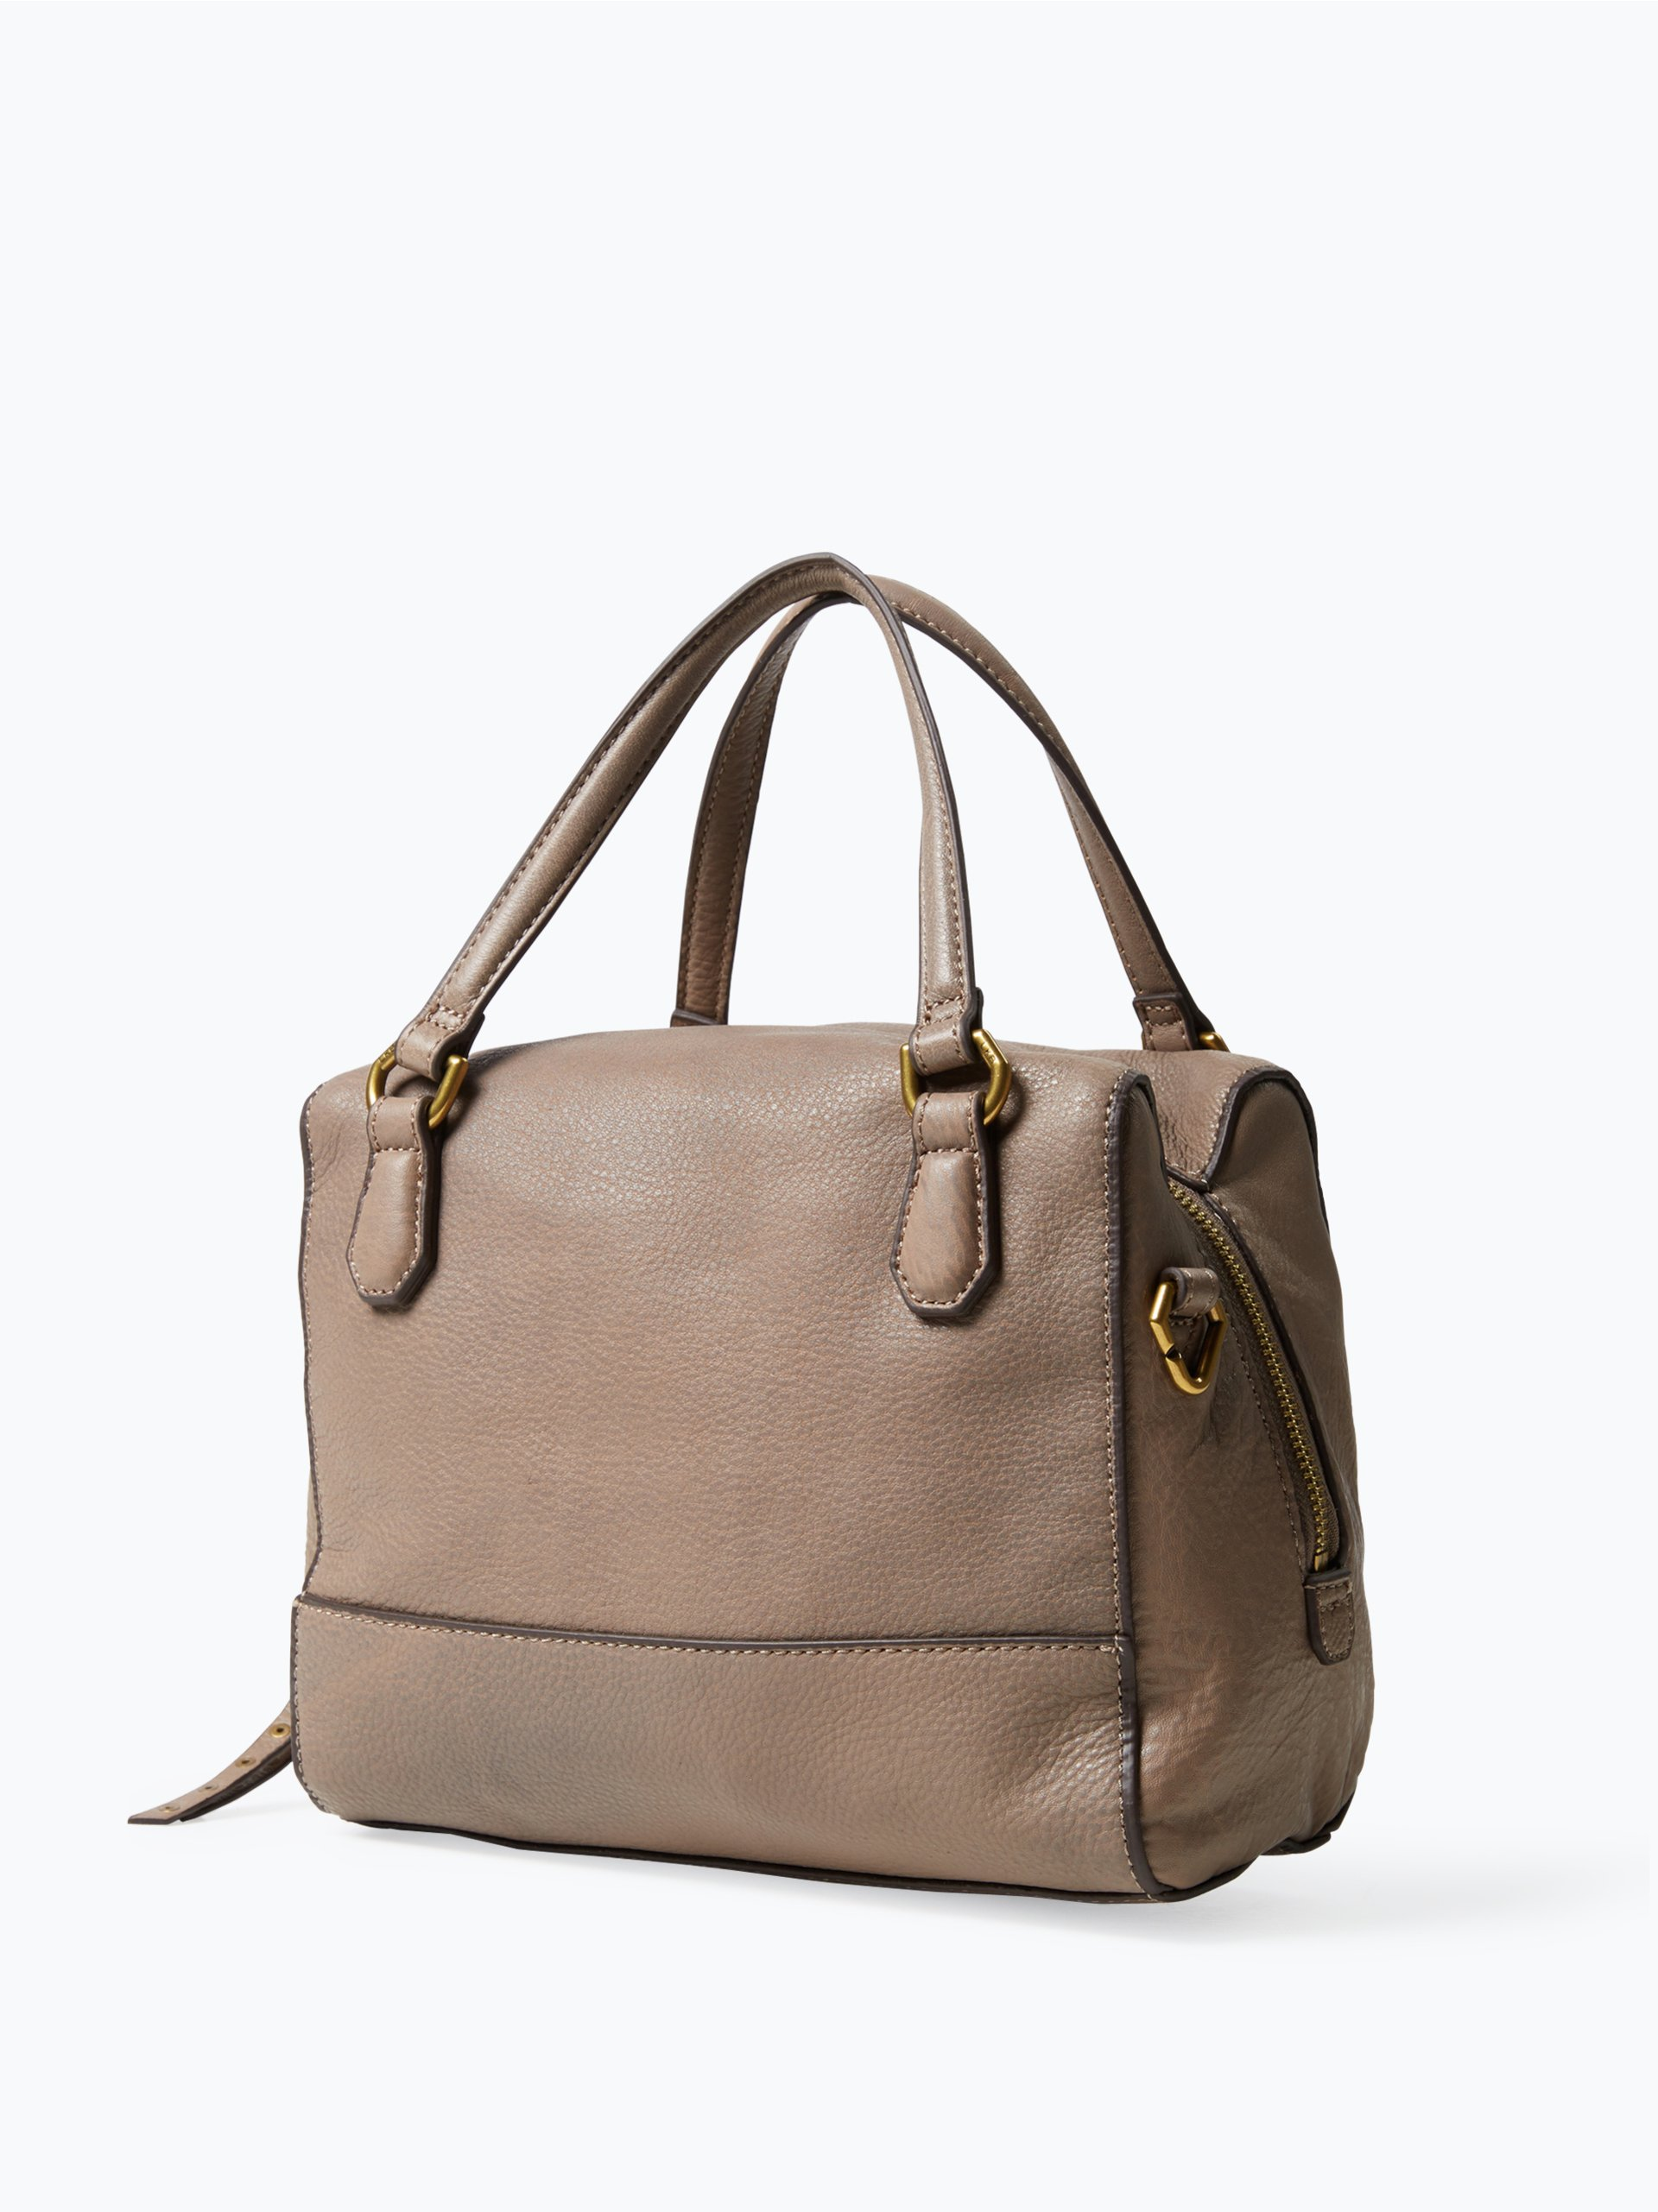 liebeskind damen handtasche aus leder detroit taupe uni online kaufen vangraaf com. Black Bedroom Furniture Sets. Home Design Ideas